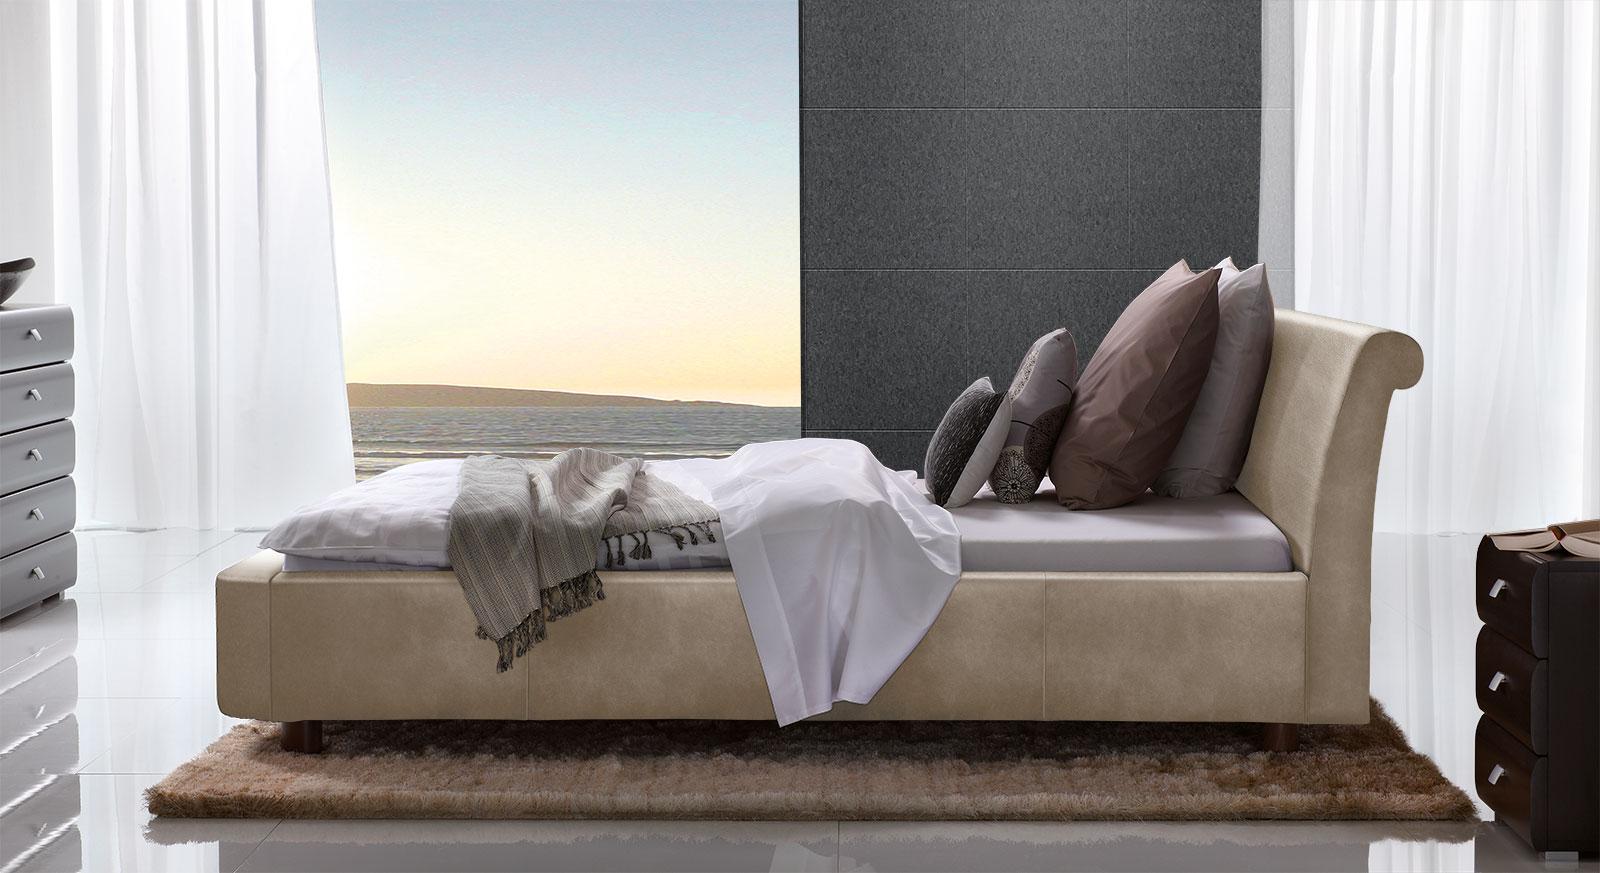 Bett Macuma in beigebraunem Luxus-Kunstleder mit 10 cm Fußhöhe